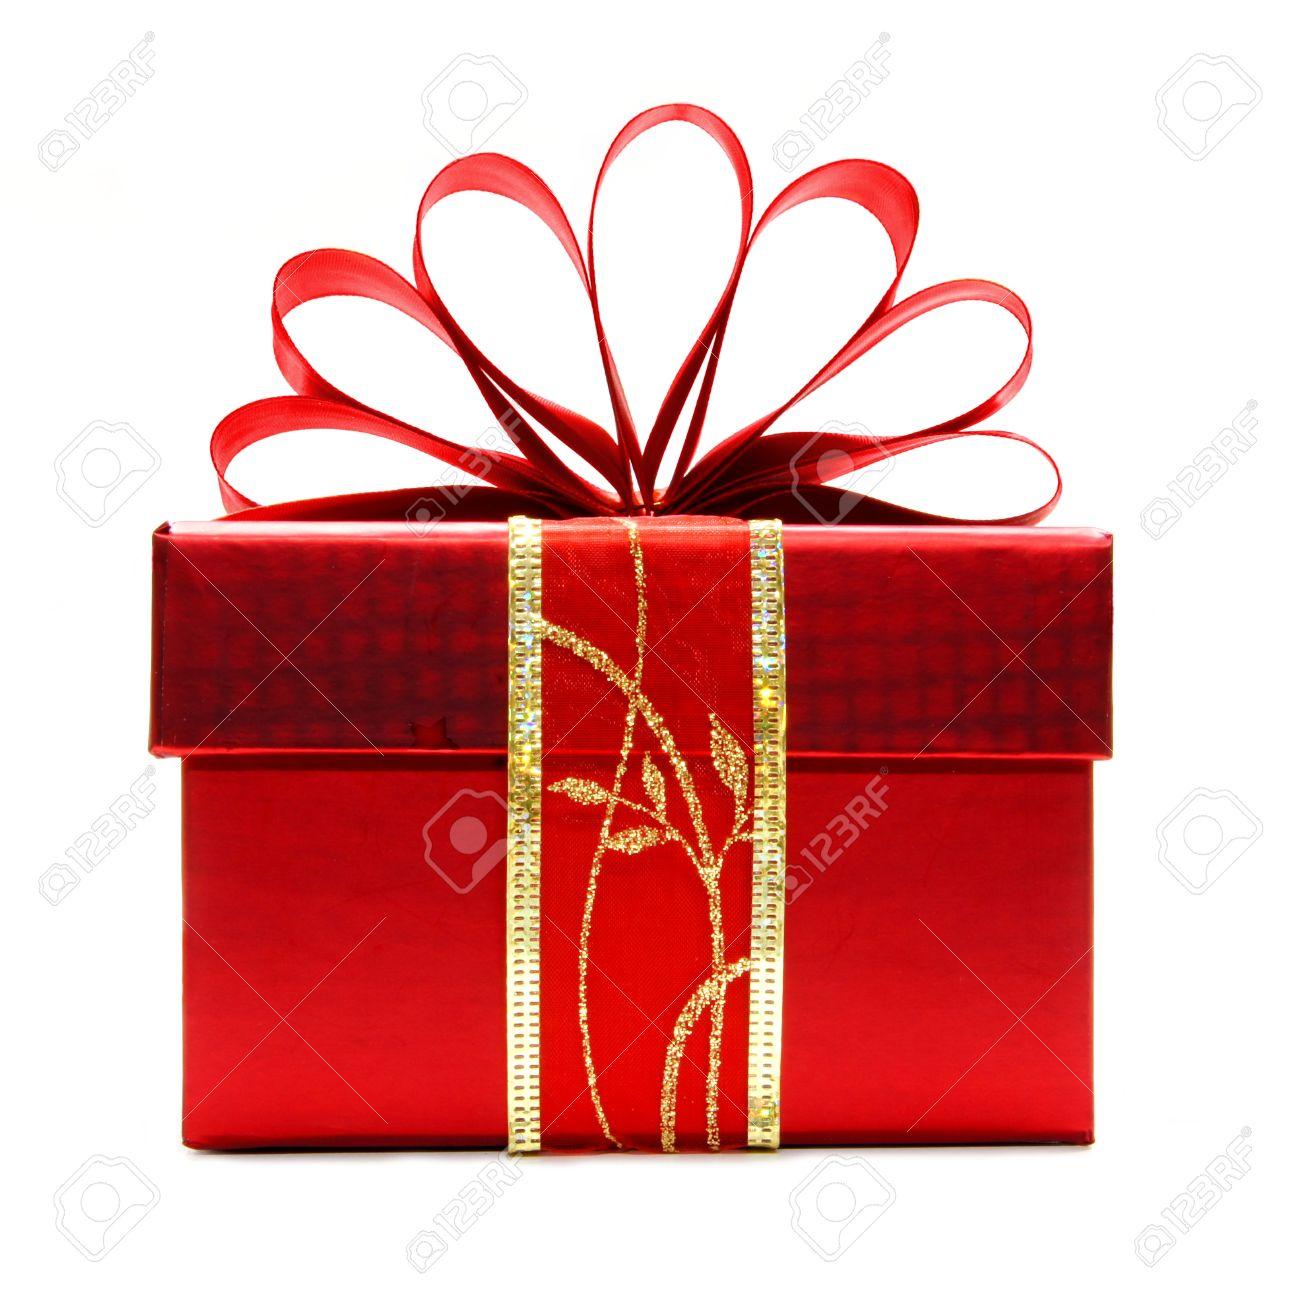 Rode Kerst Cadeau Doos Met Lint En Boog Geïsoleerd Op Een Witte Achtergrond